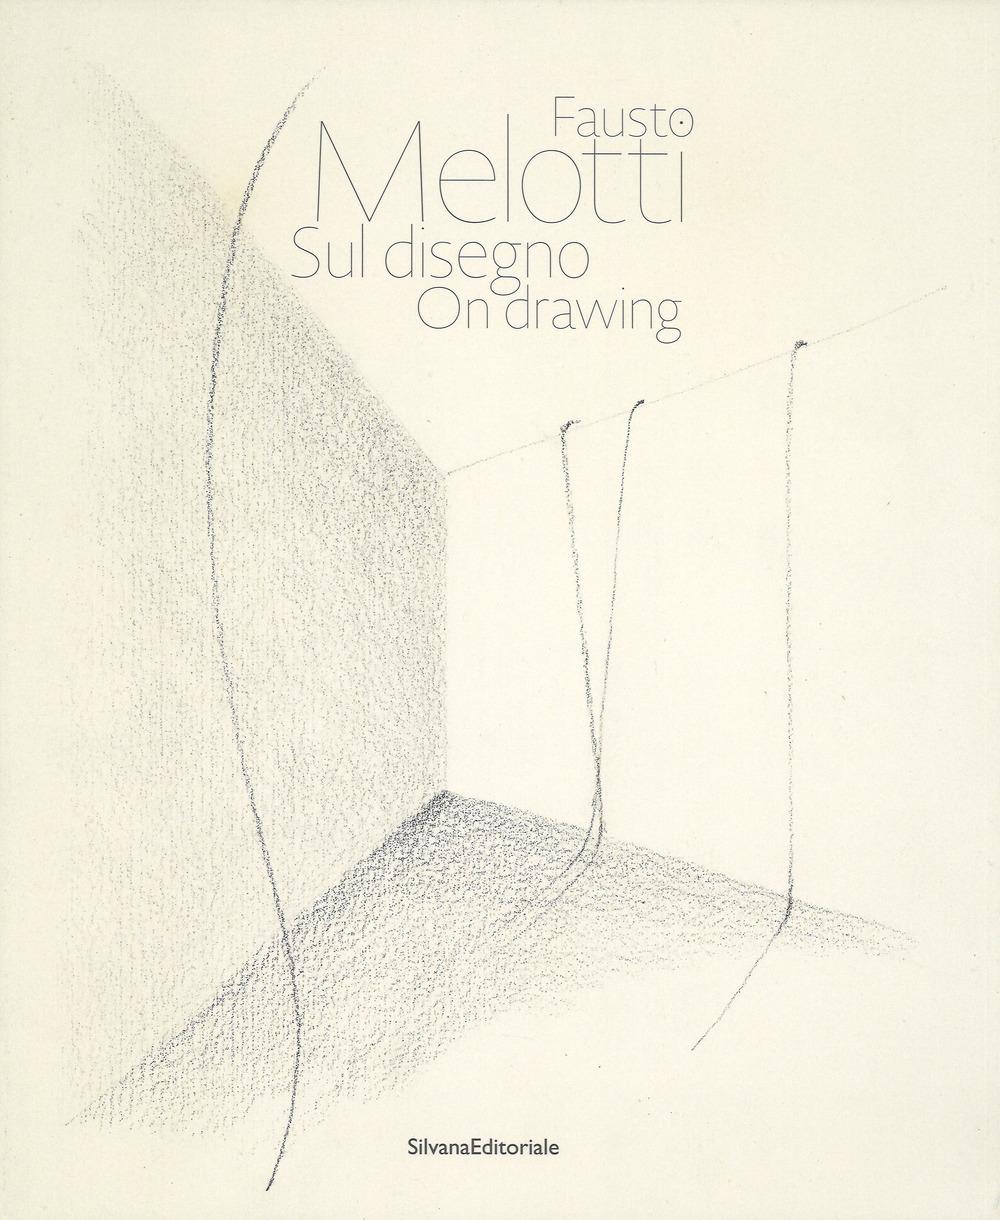 Fausto Melotti. Sul disegno. On drawing